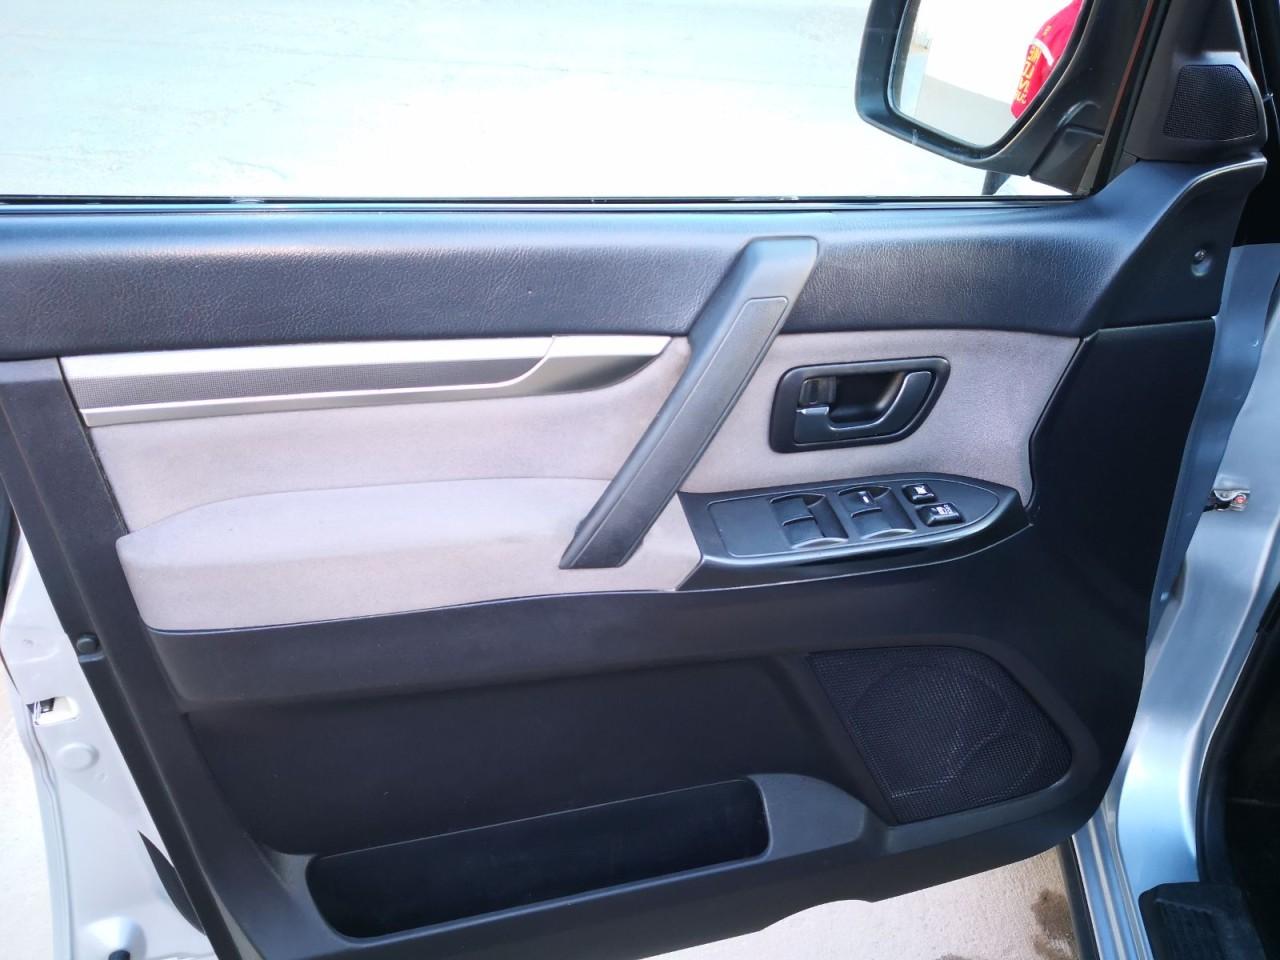 Mitsubishi Pajero 3.2 2010